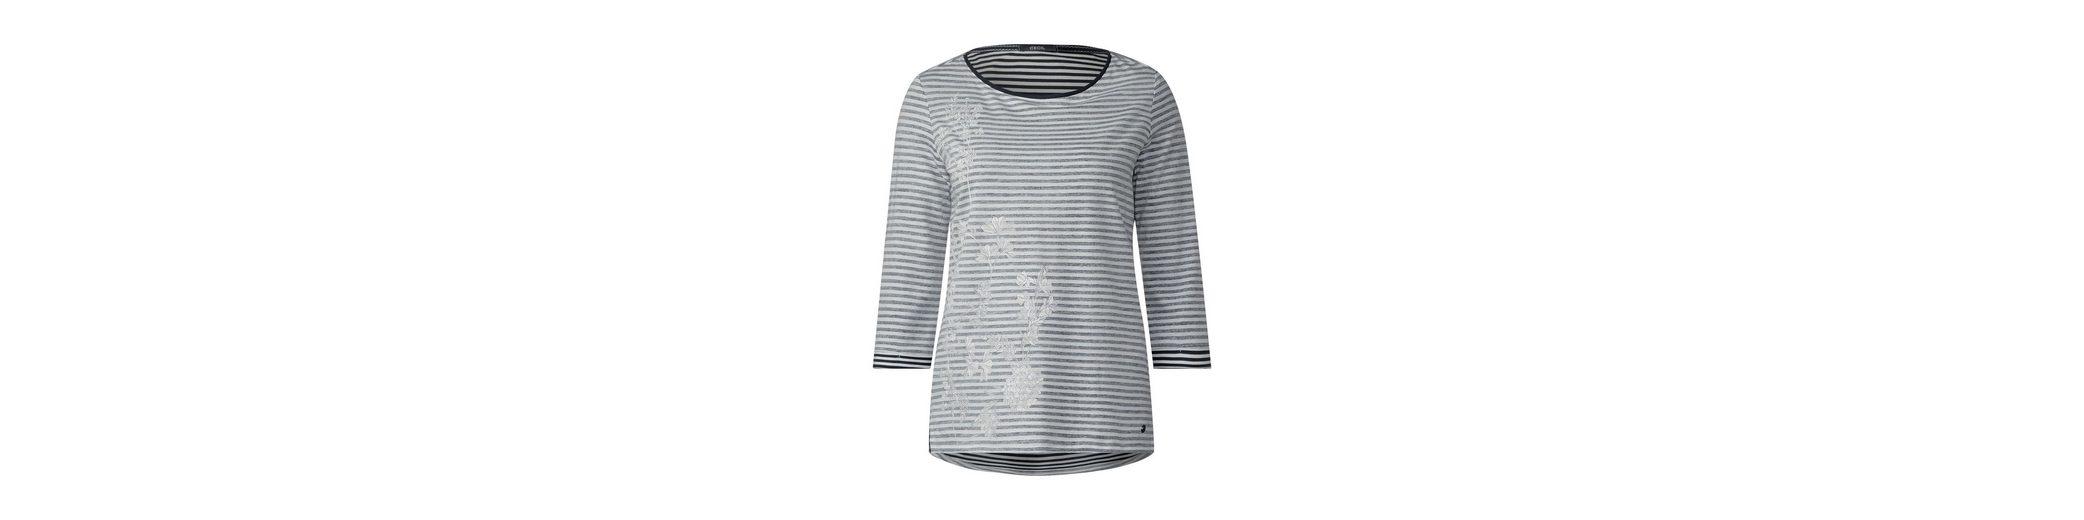 CECIL Shirt Streifen mit Streifen Shirt Print CECIL mit Print CECIL Shirt mit Streifen TwUqgC